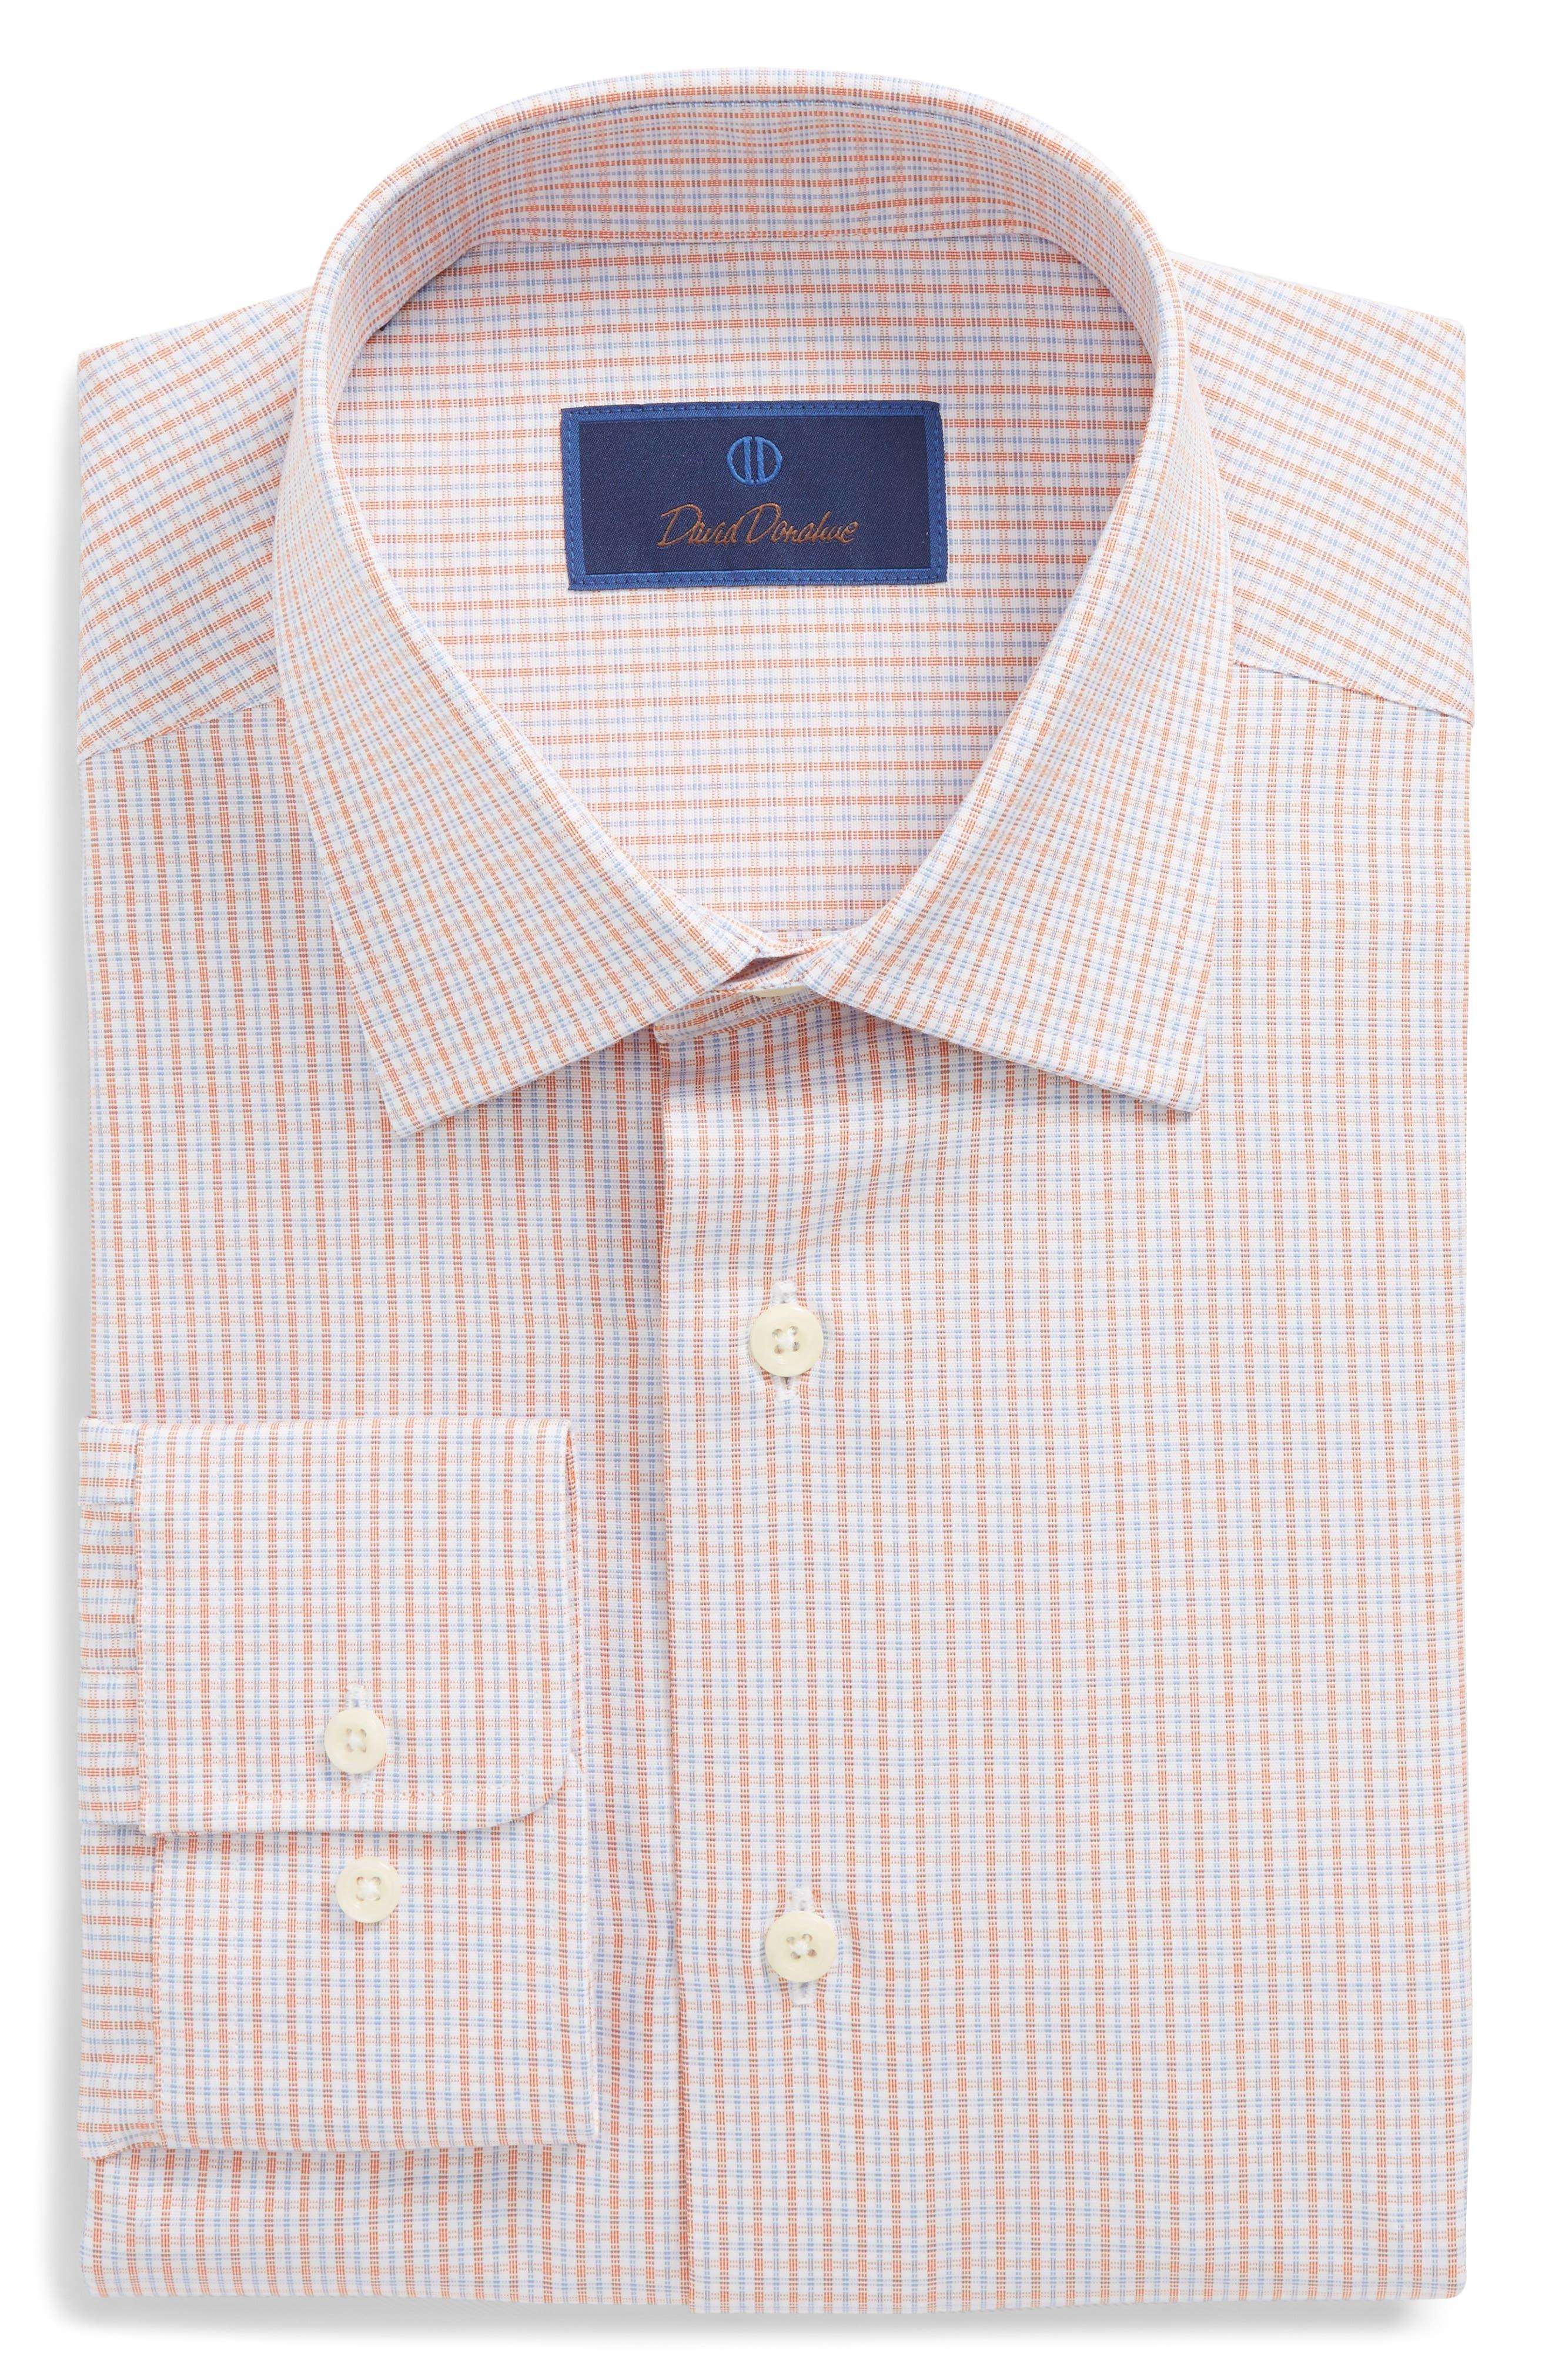 Regular Fit Check Dress Shirt,                             Main thumbnail 1, color,                             Melon